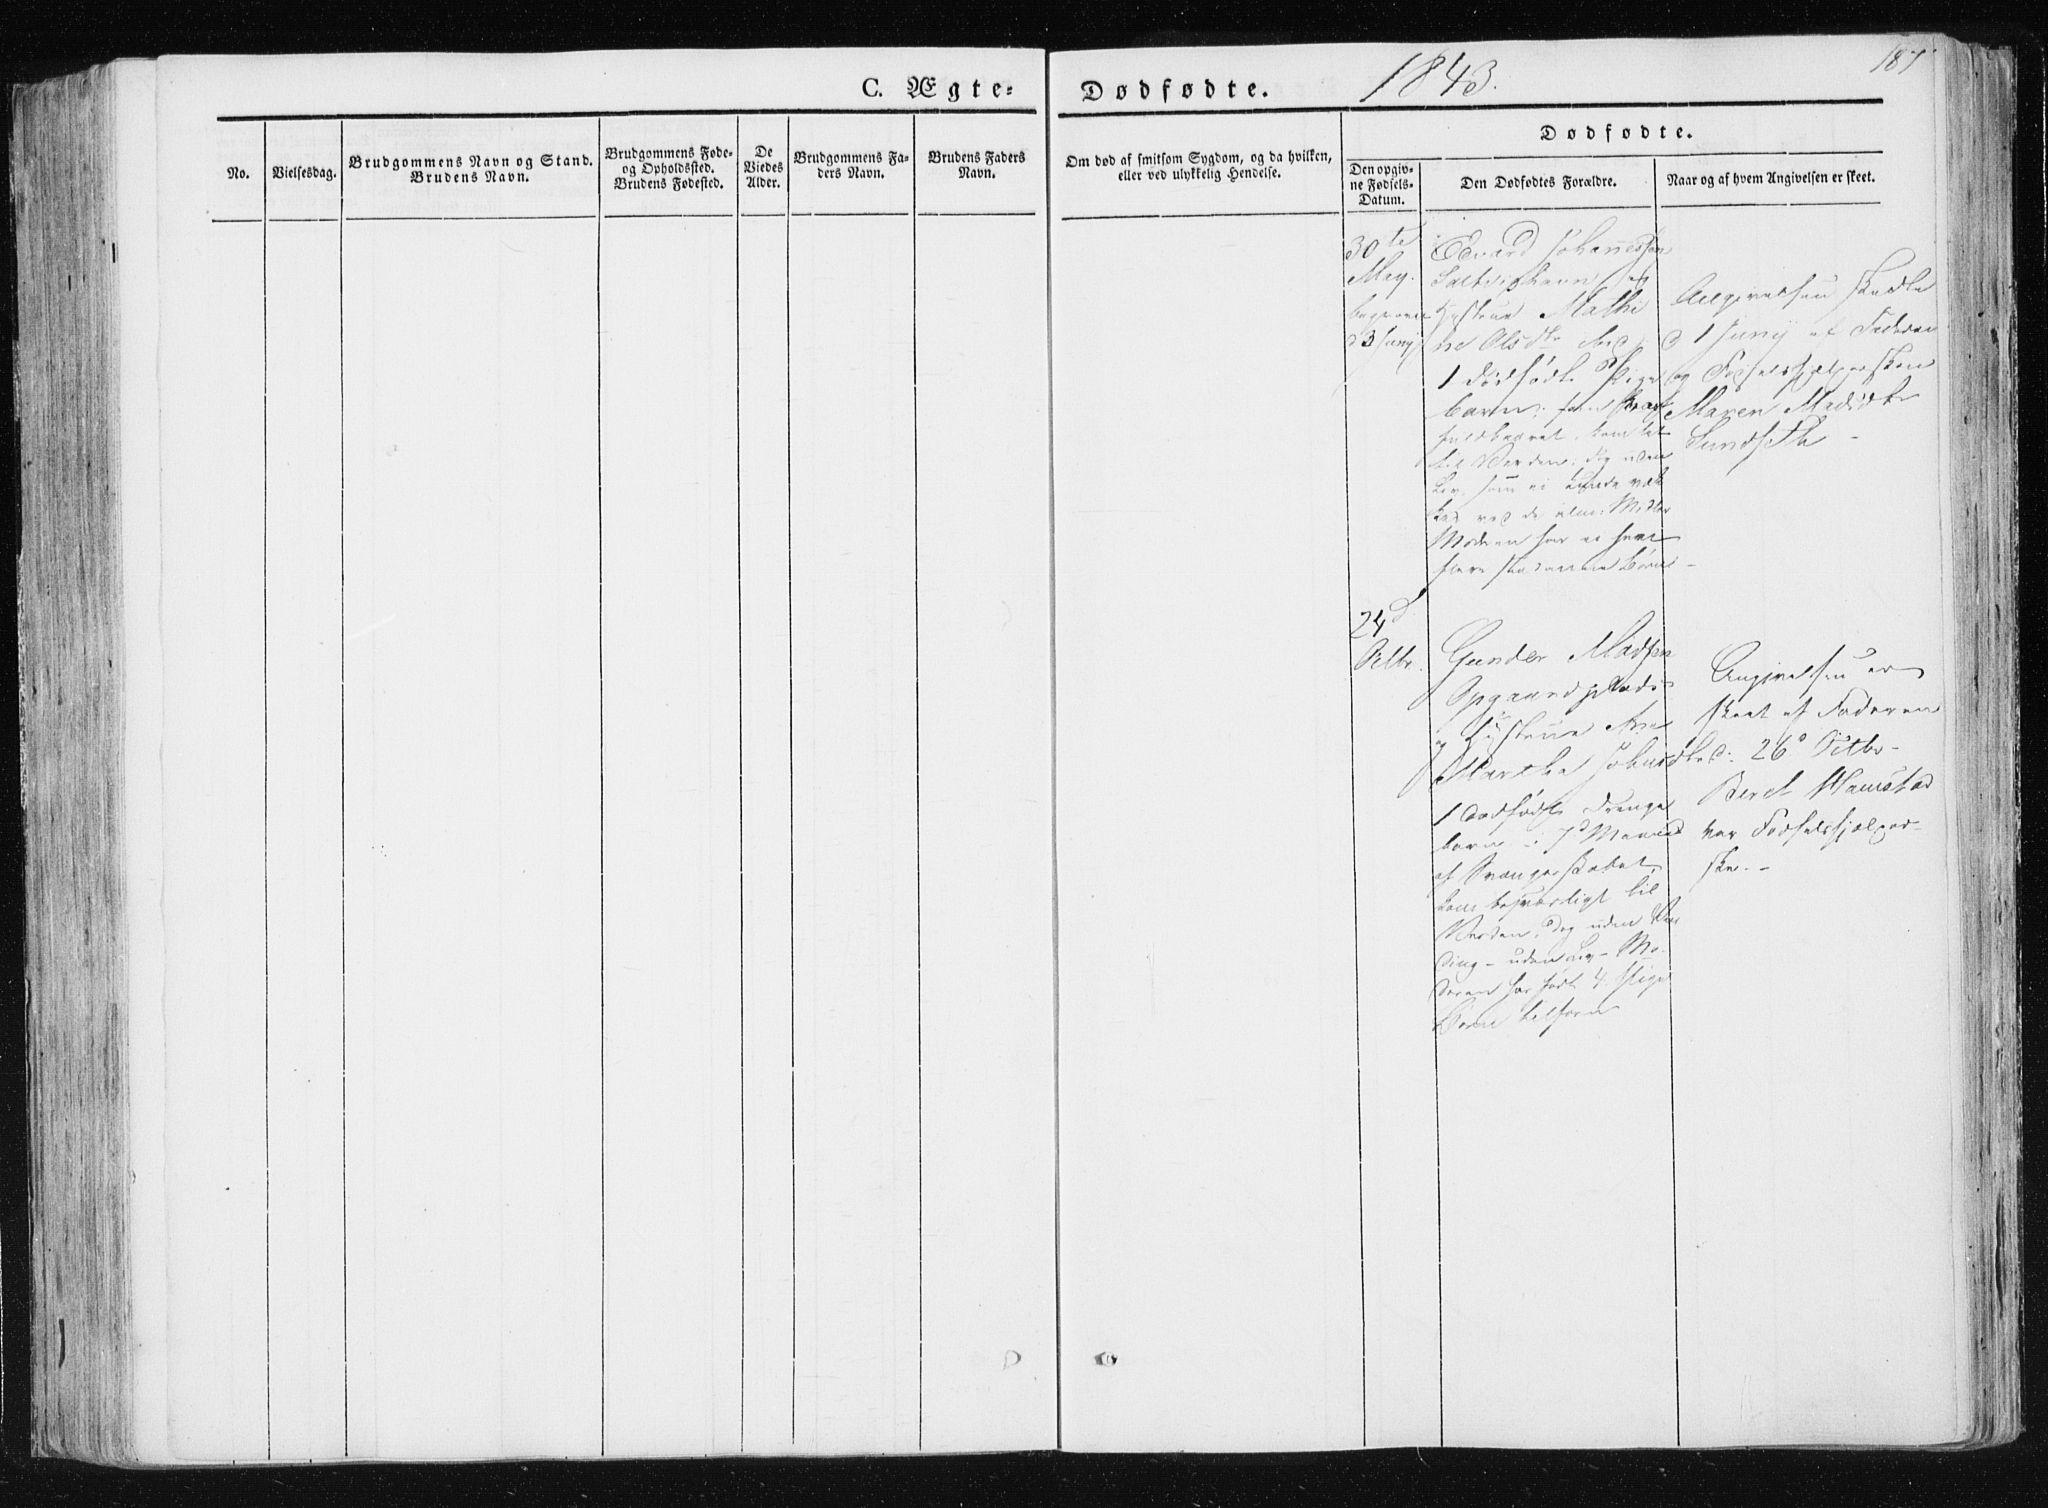 SAT, Ministerialprotokoller, klokkerbøker og fødselsregistre - Nord-Trøndelag, 733/L0323: Parish register (official) no. 733A02, 1843-1870, p. 187